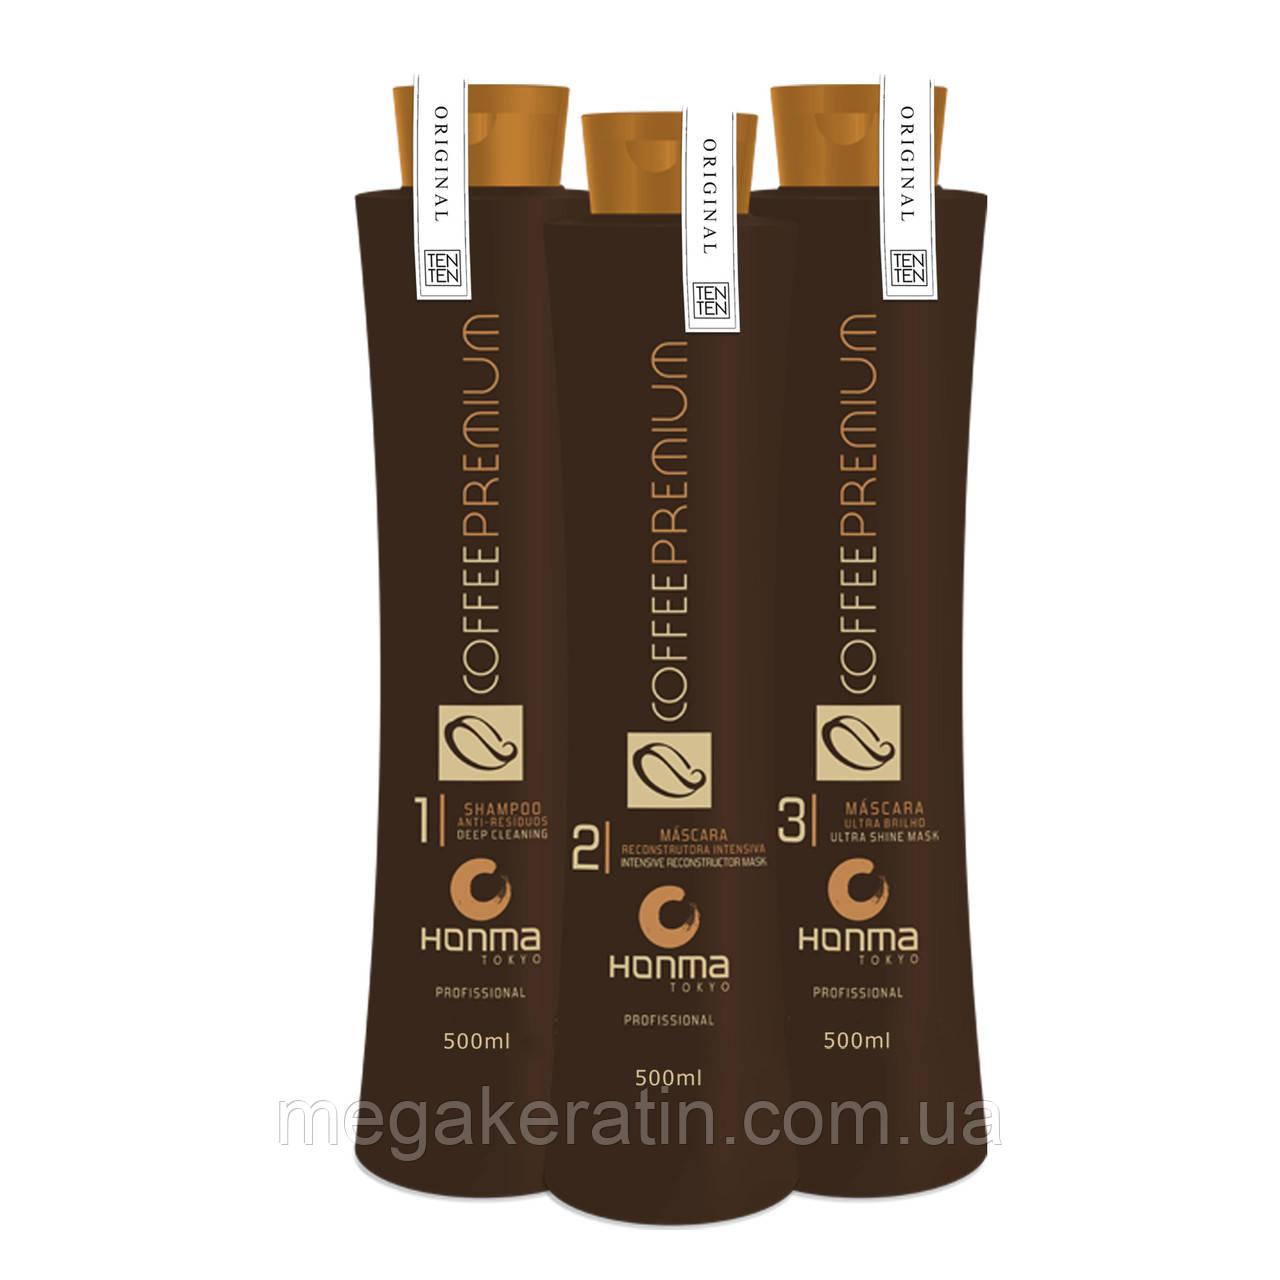 Набір для кератинового випрямлення Coffee Premium (Кави Преміум) Honma Tokyo 3х500мл